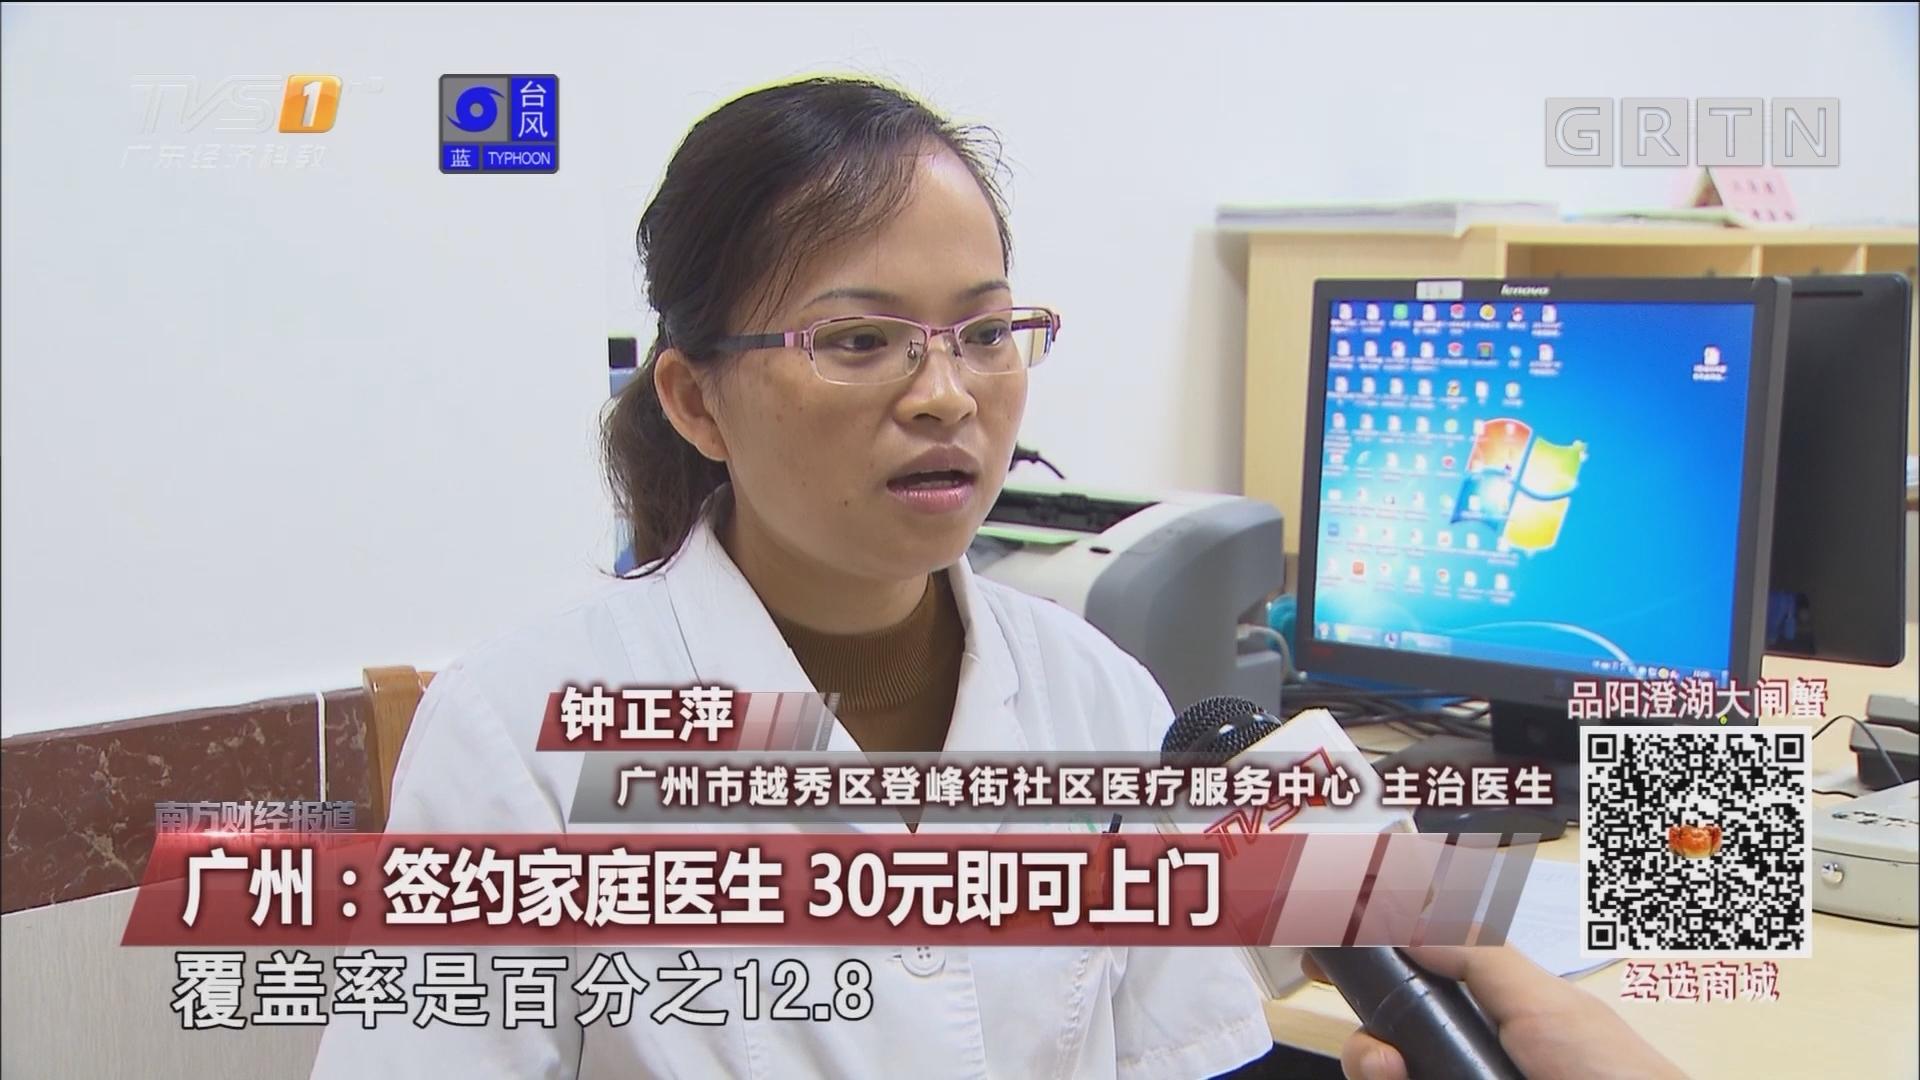 广州:签约家庭医生 30元即可上门